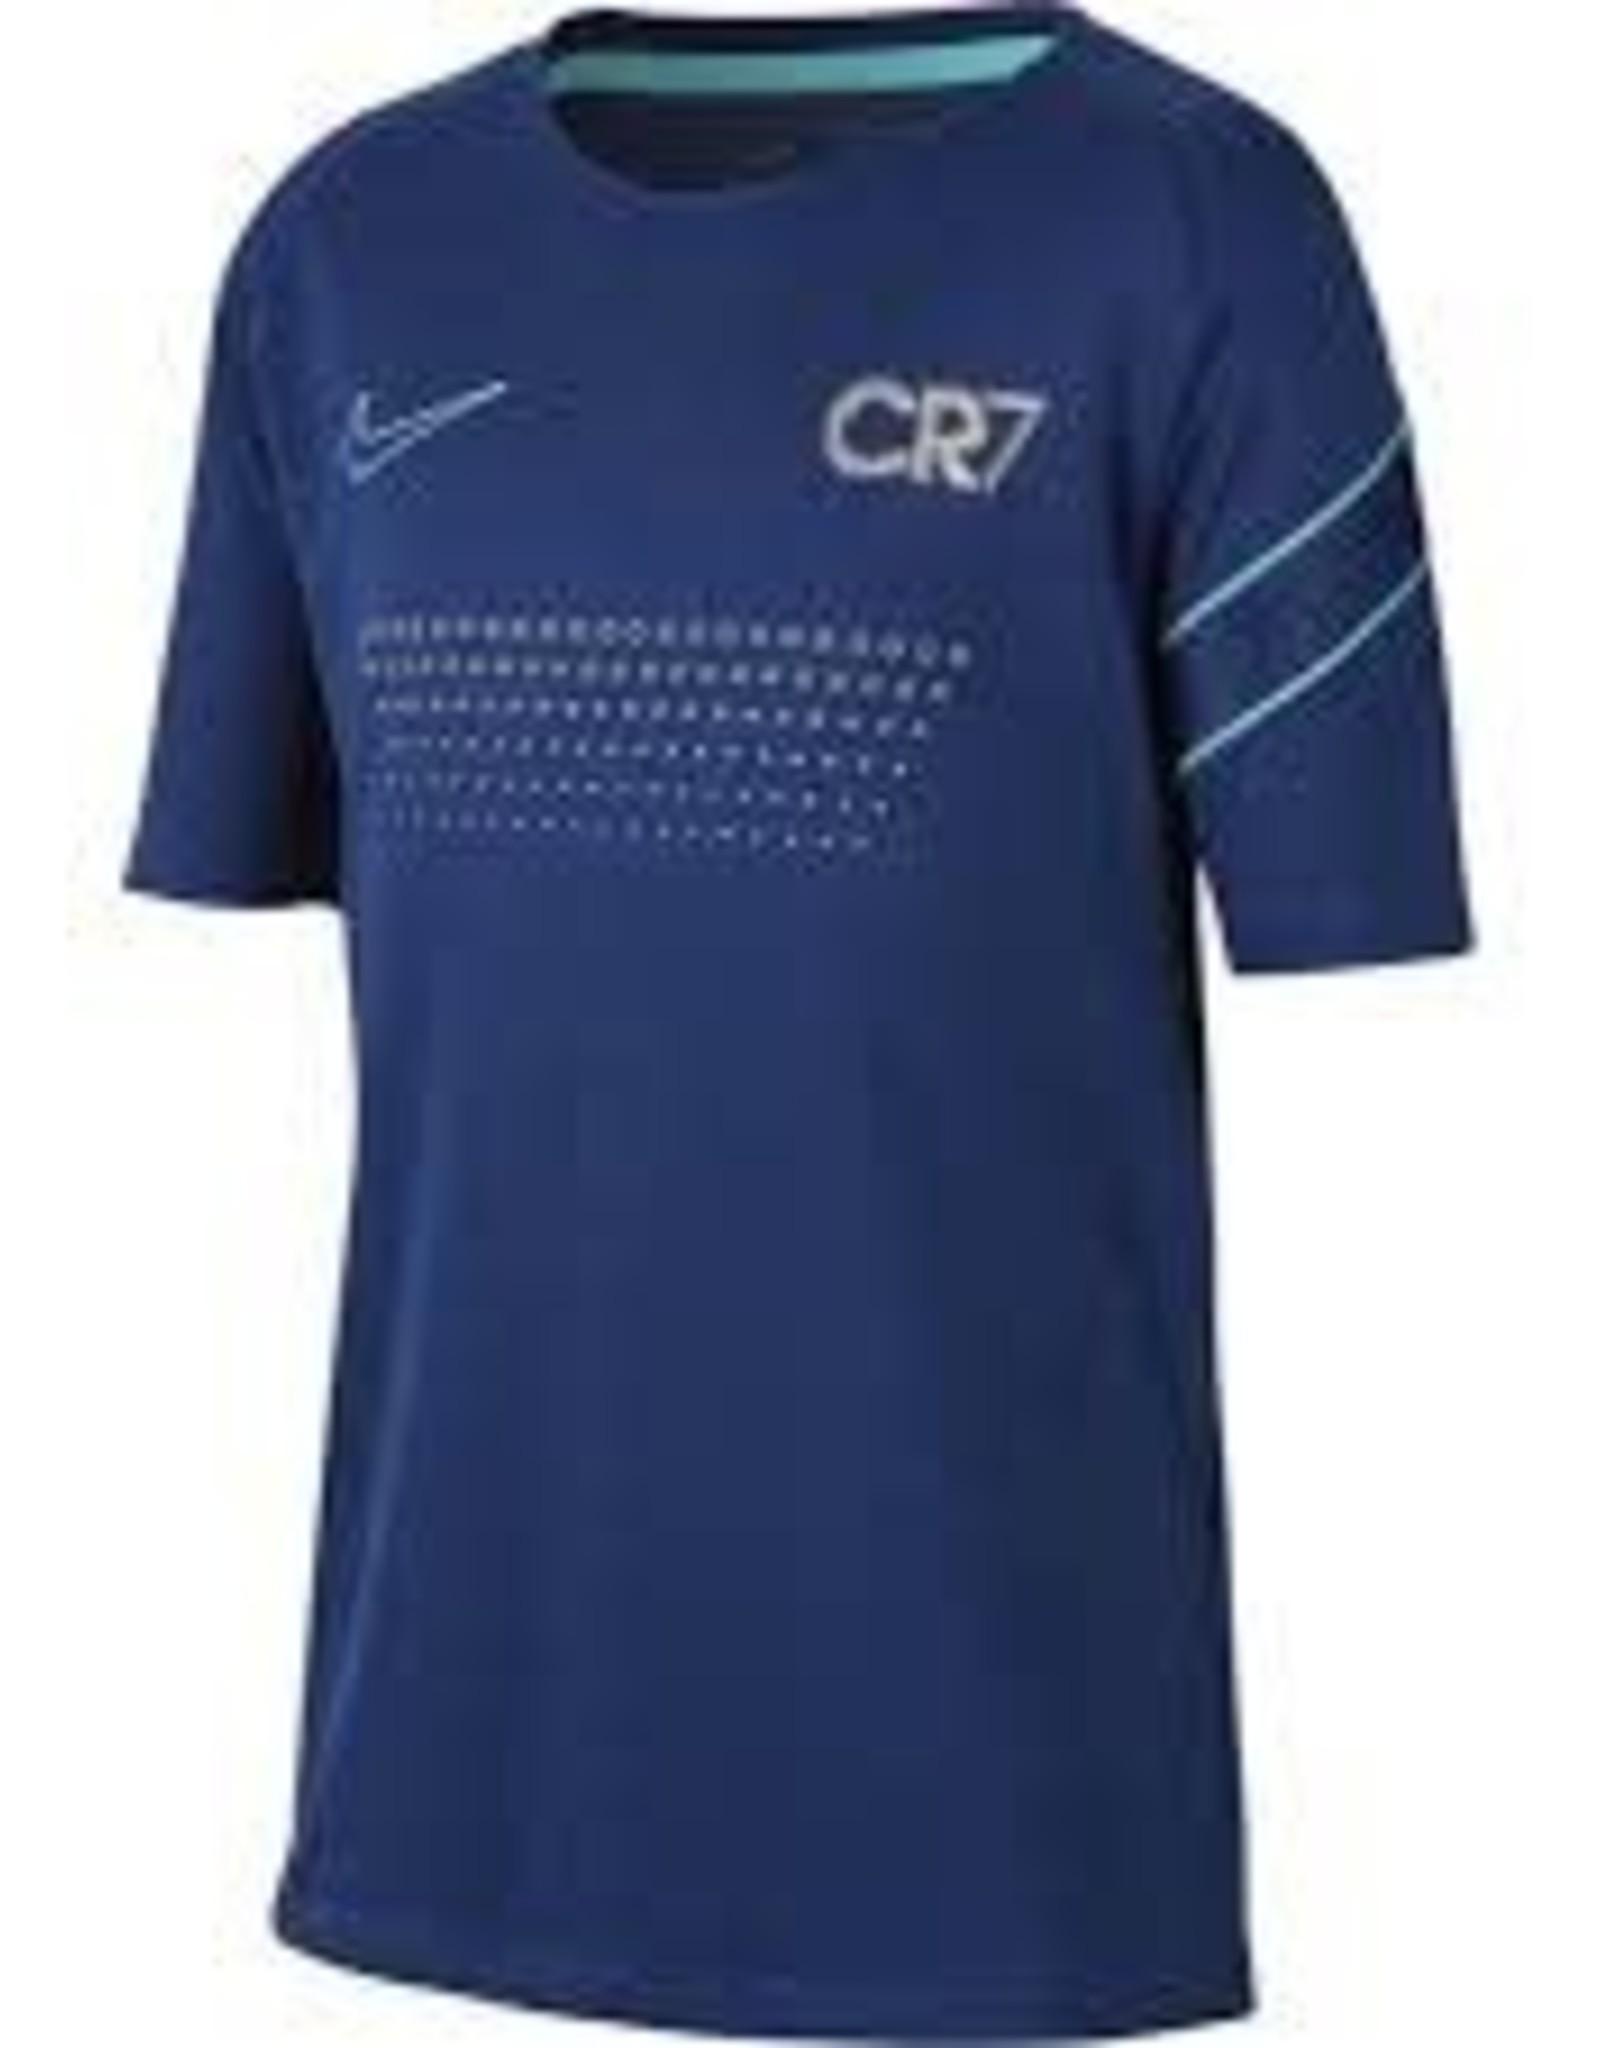 Nike cr7 tshirt bv6085